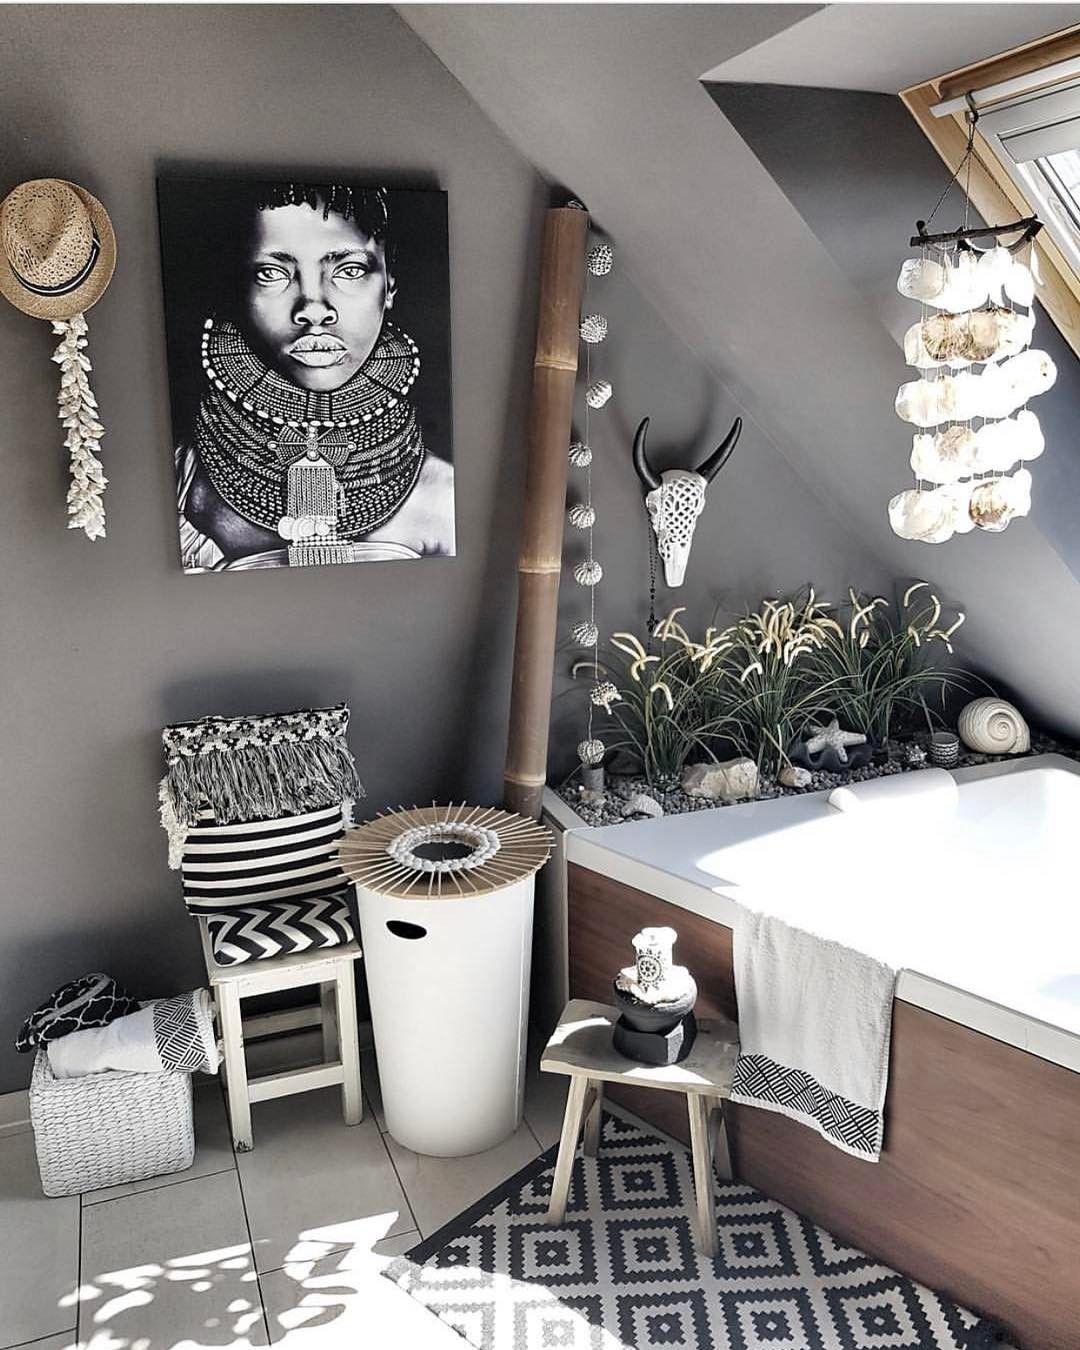 Top Oder Flop Was Sagt Ihr Zu Diesem Badezimmer Zhew Instahome Interior Haus Deko Deko Interieur Zimmereinrichtung